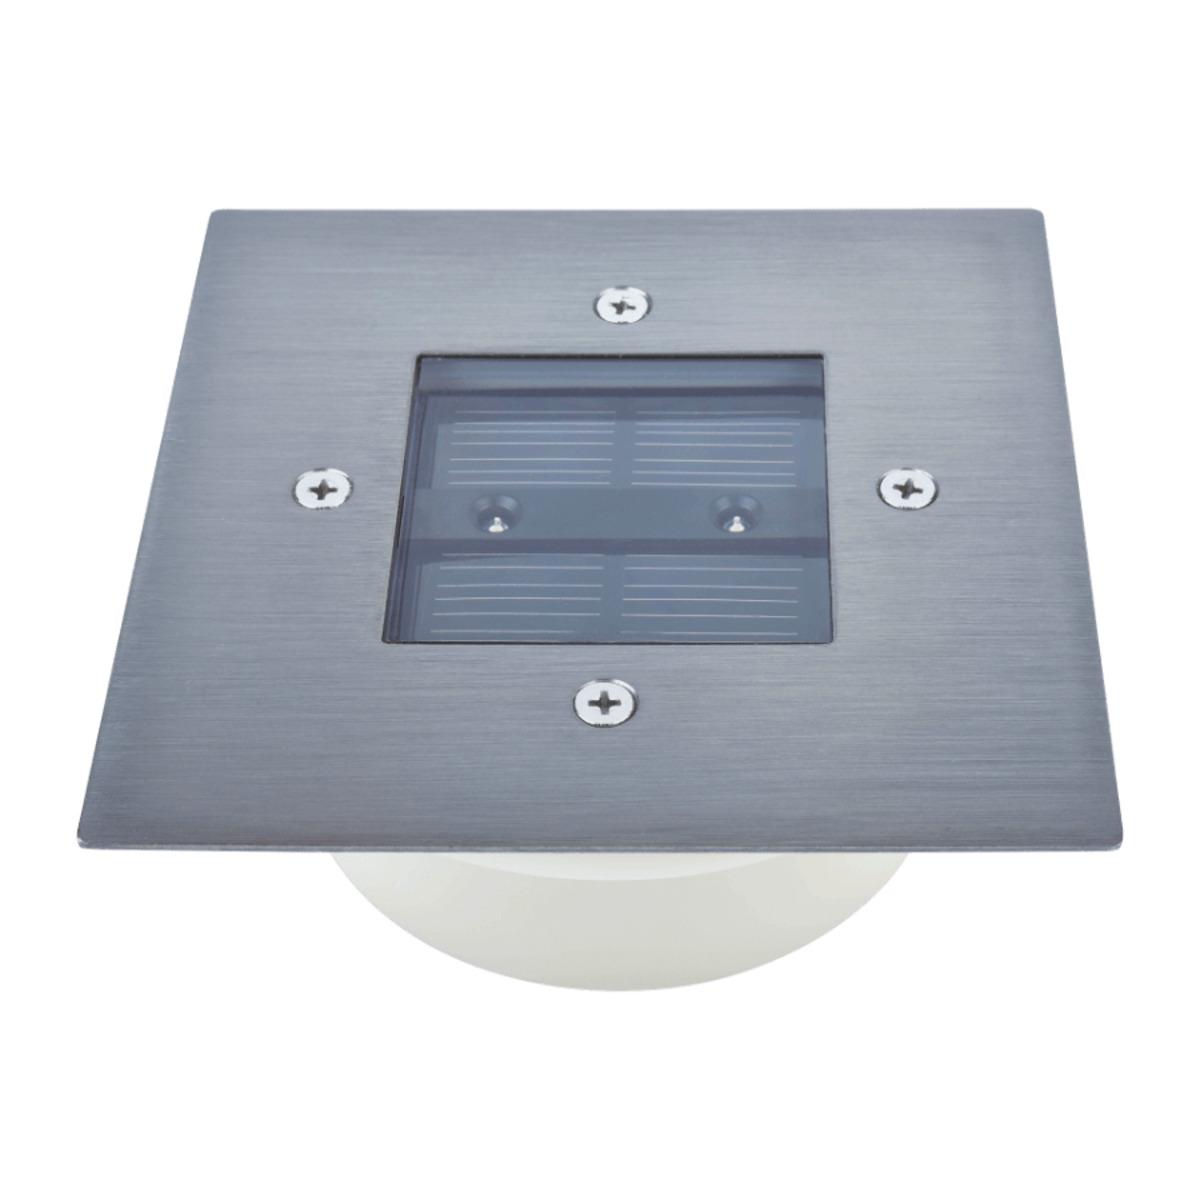 Bild 2 von LIGHTZONE     Solar-Bodeneinbaustrahler